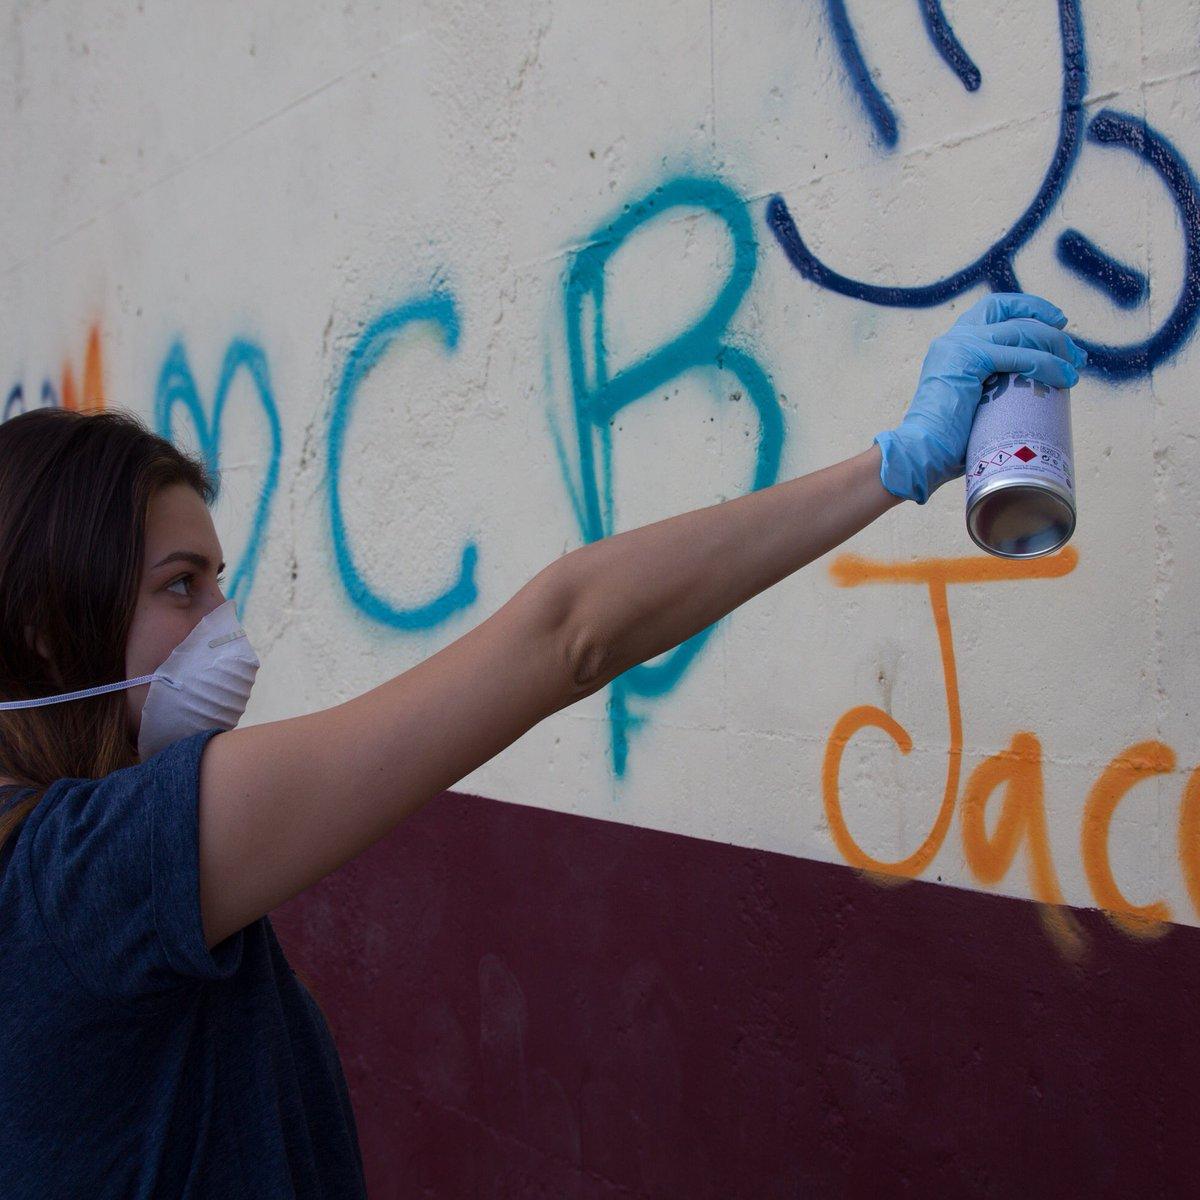 El Ayuntamiento comienza una campaña de eliminación de pintadas y grafitis en el Rañadero y el Casco Antiguo 1